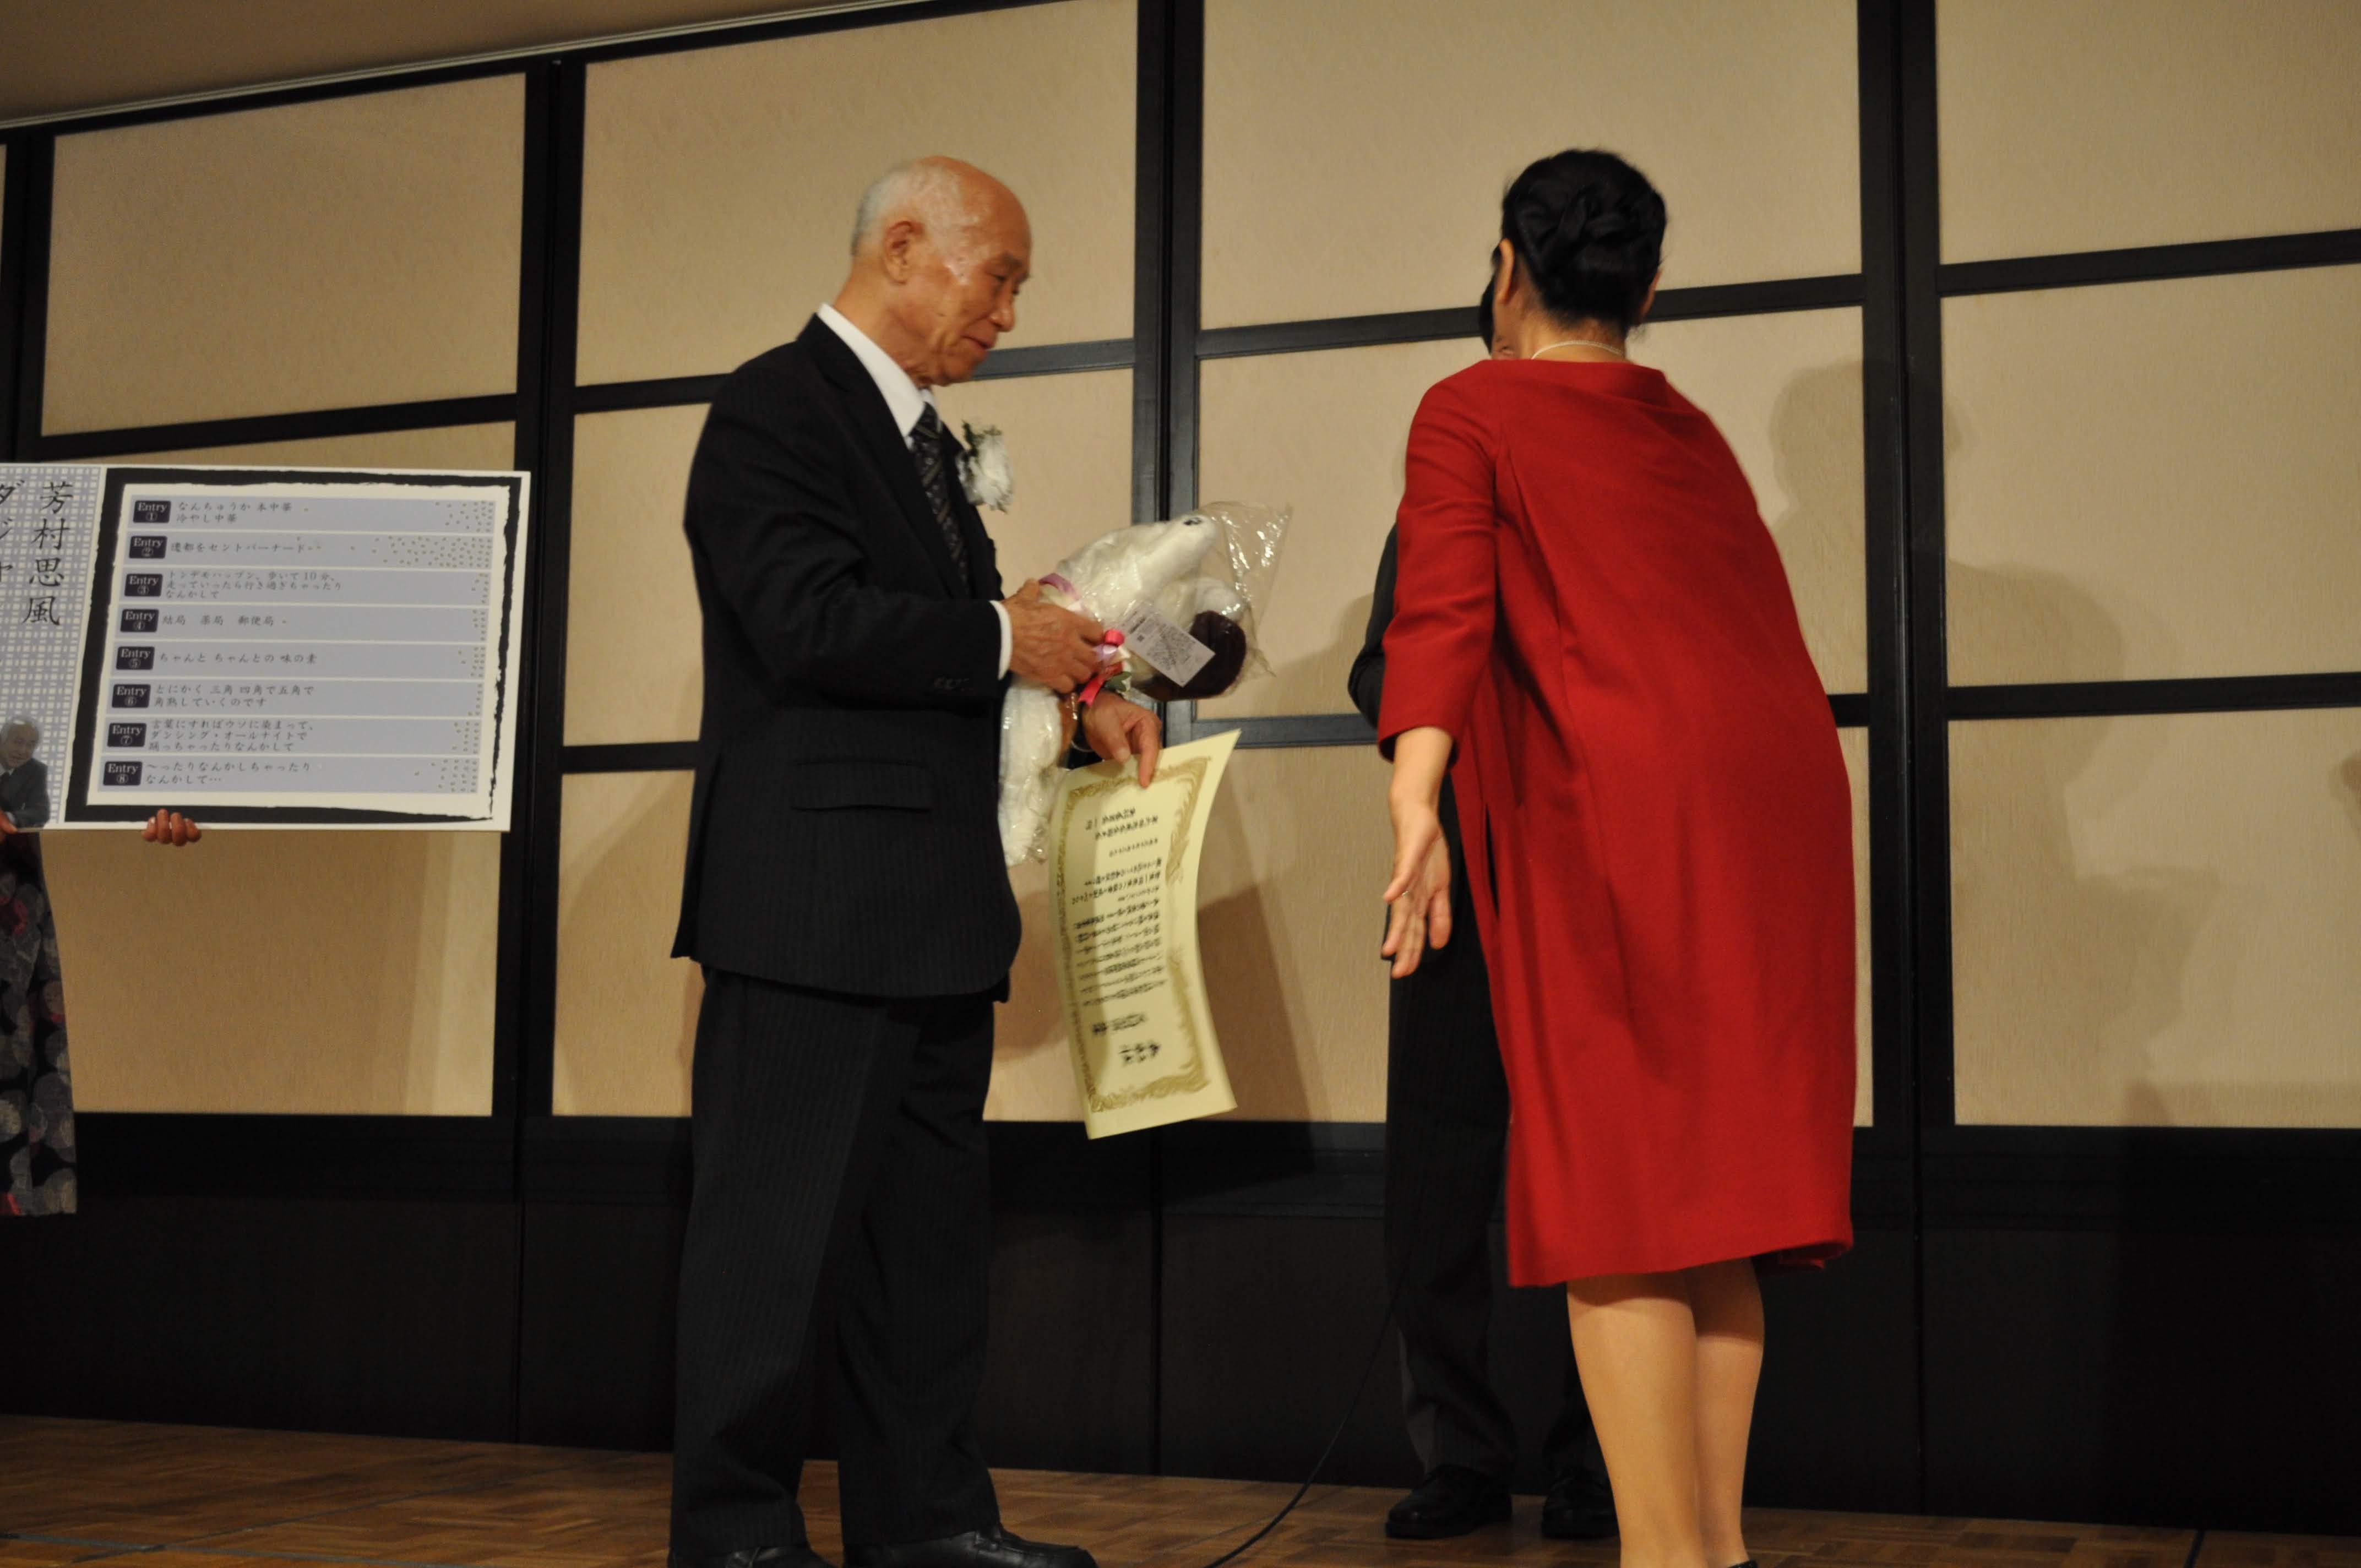 DSC 0474 1 - 思風会全国大会in広島